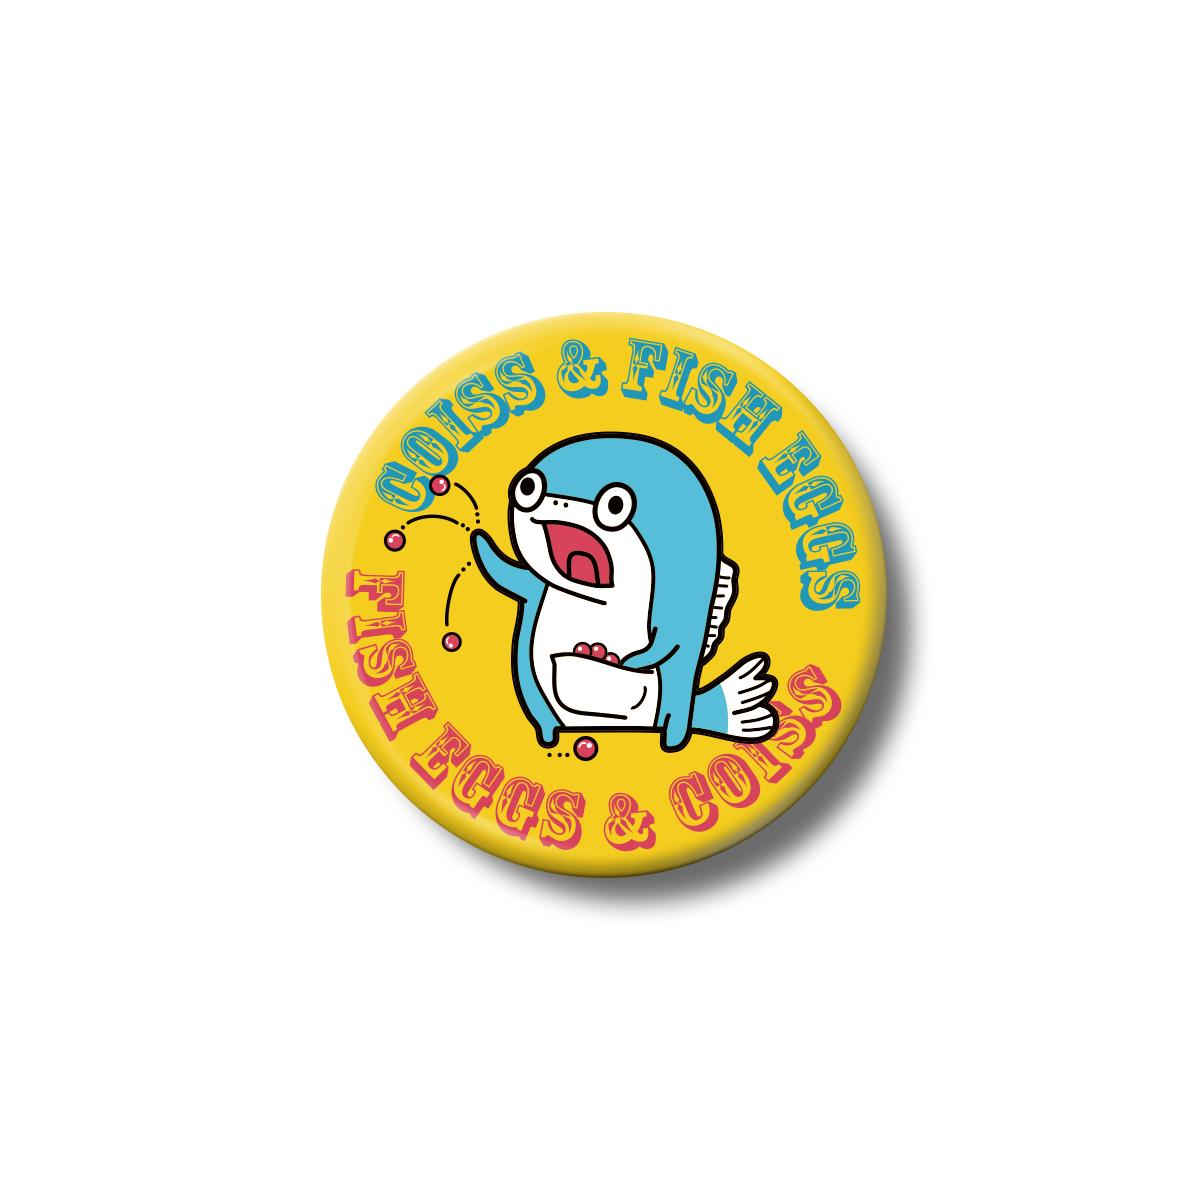 コイス缶バッジ (ロゴ)